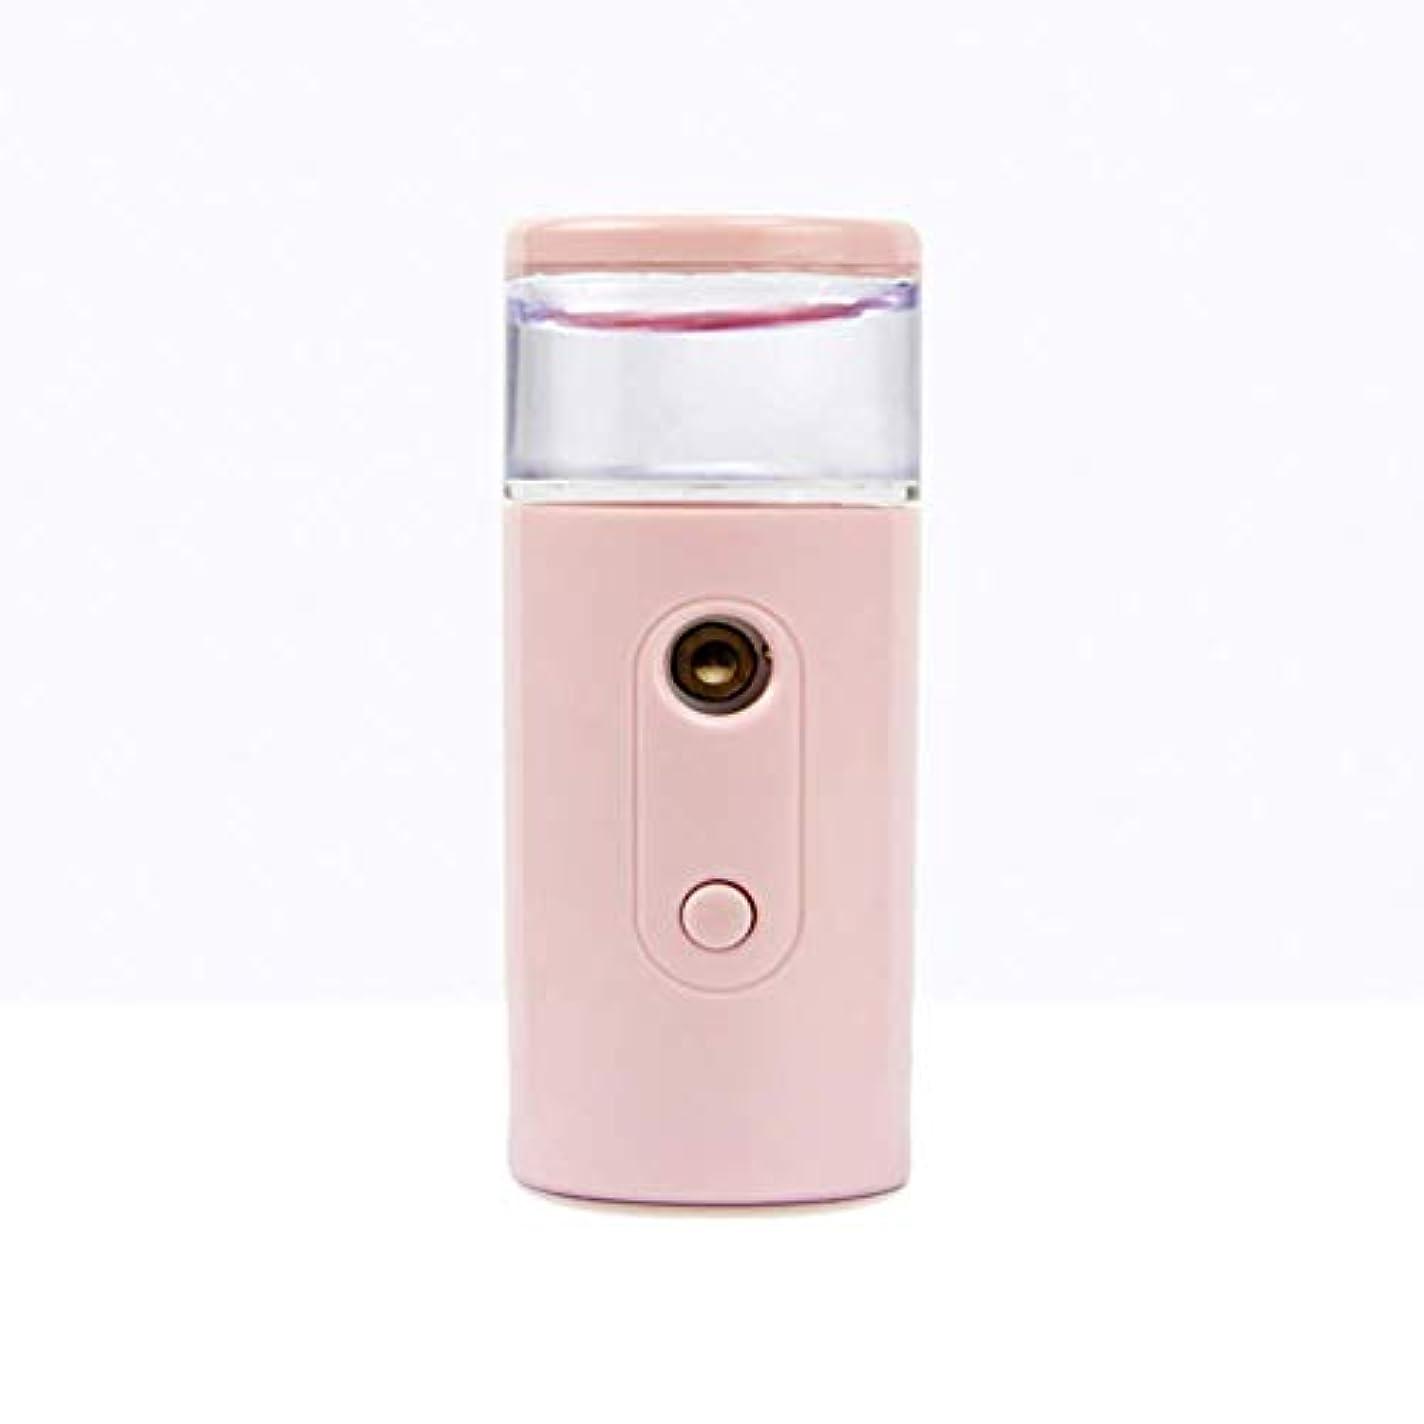 表向き頂点ズームインするNano Facial Mister、30ml視覚的水タンクを備えた充電式フェイシャルスチーマー、スキンケア、旅行用保湿&保湿